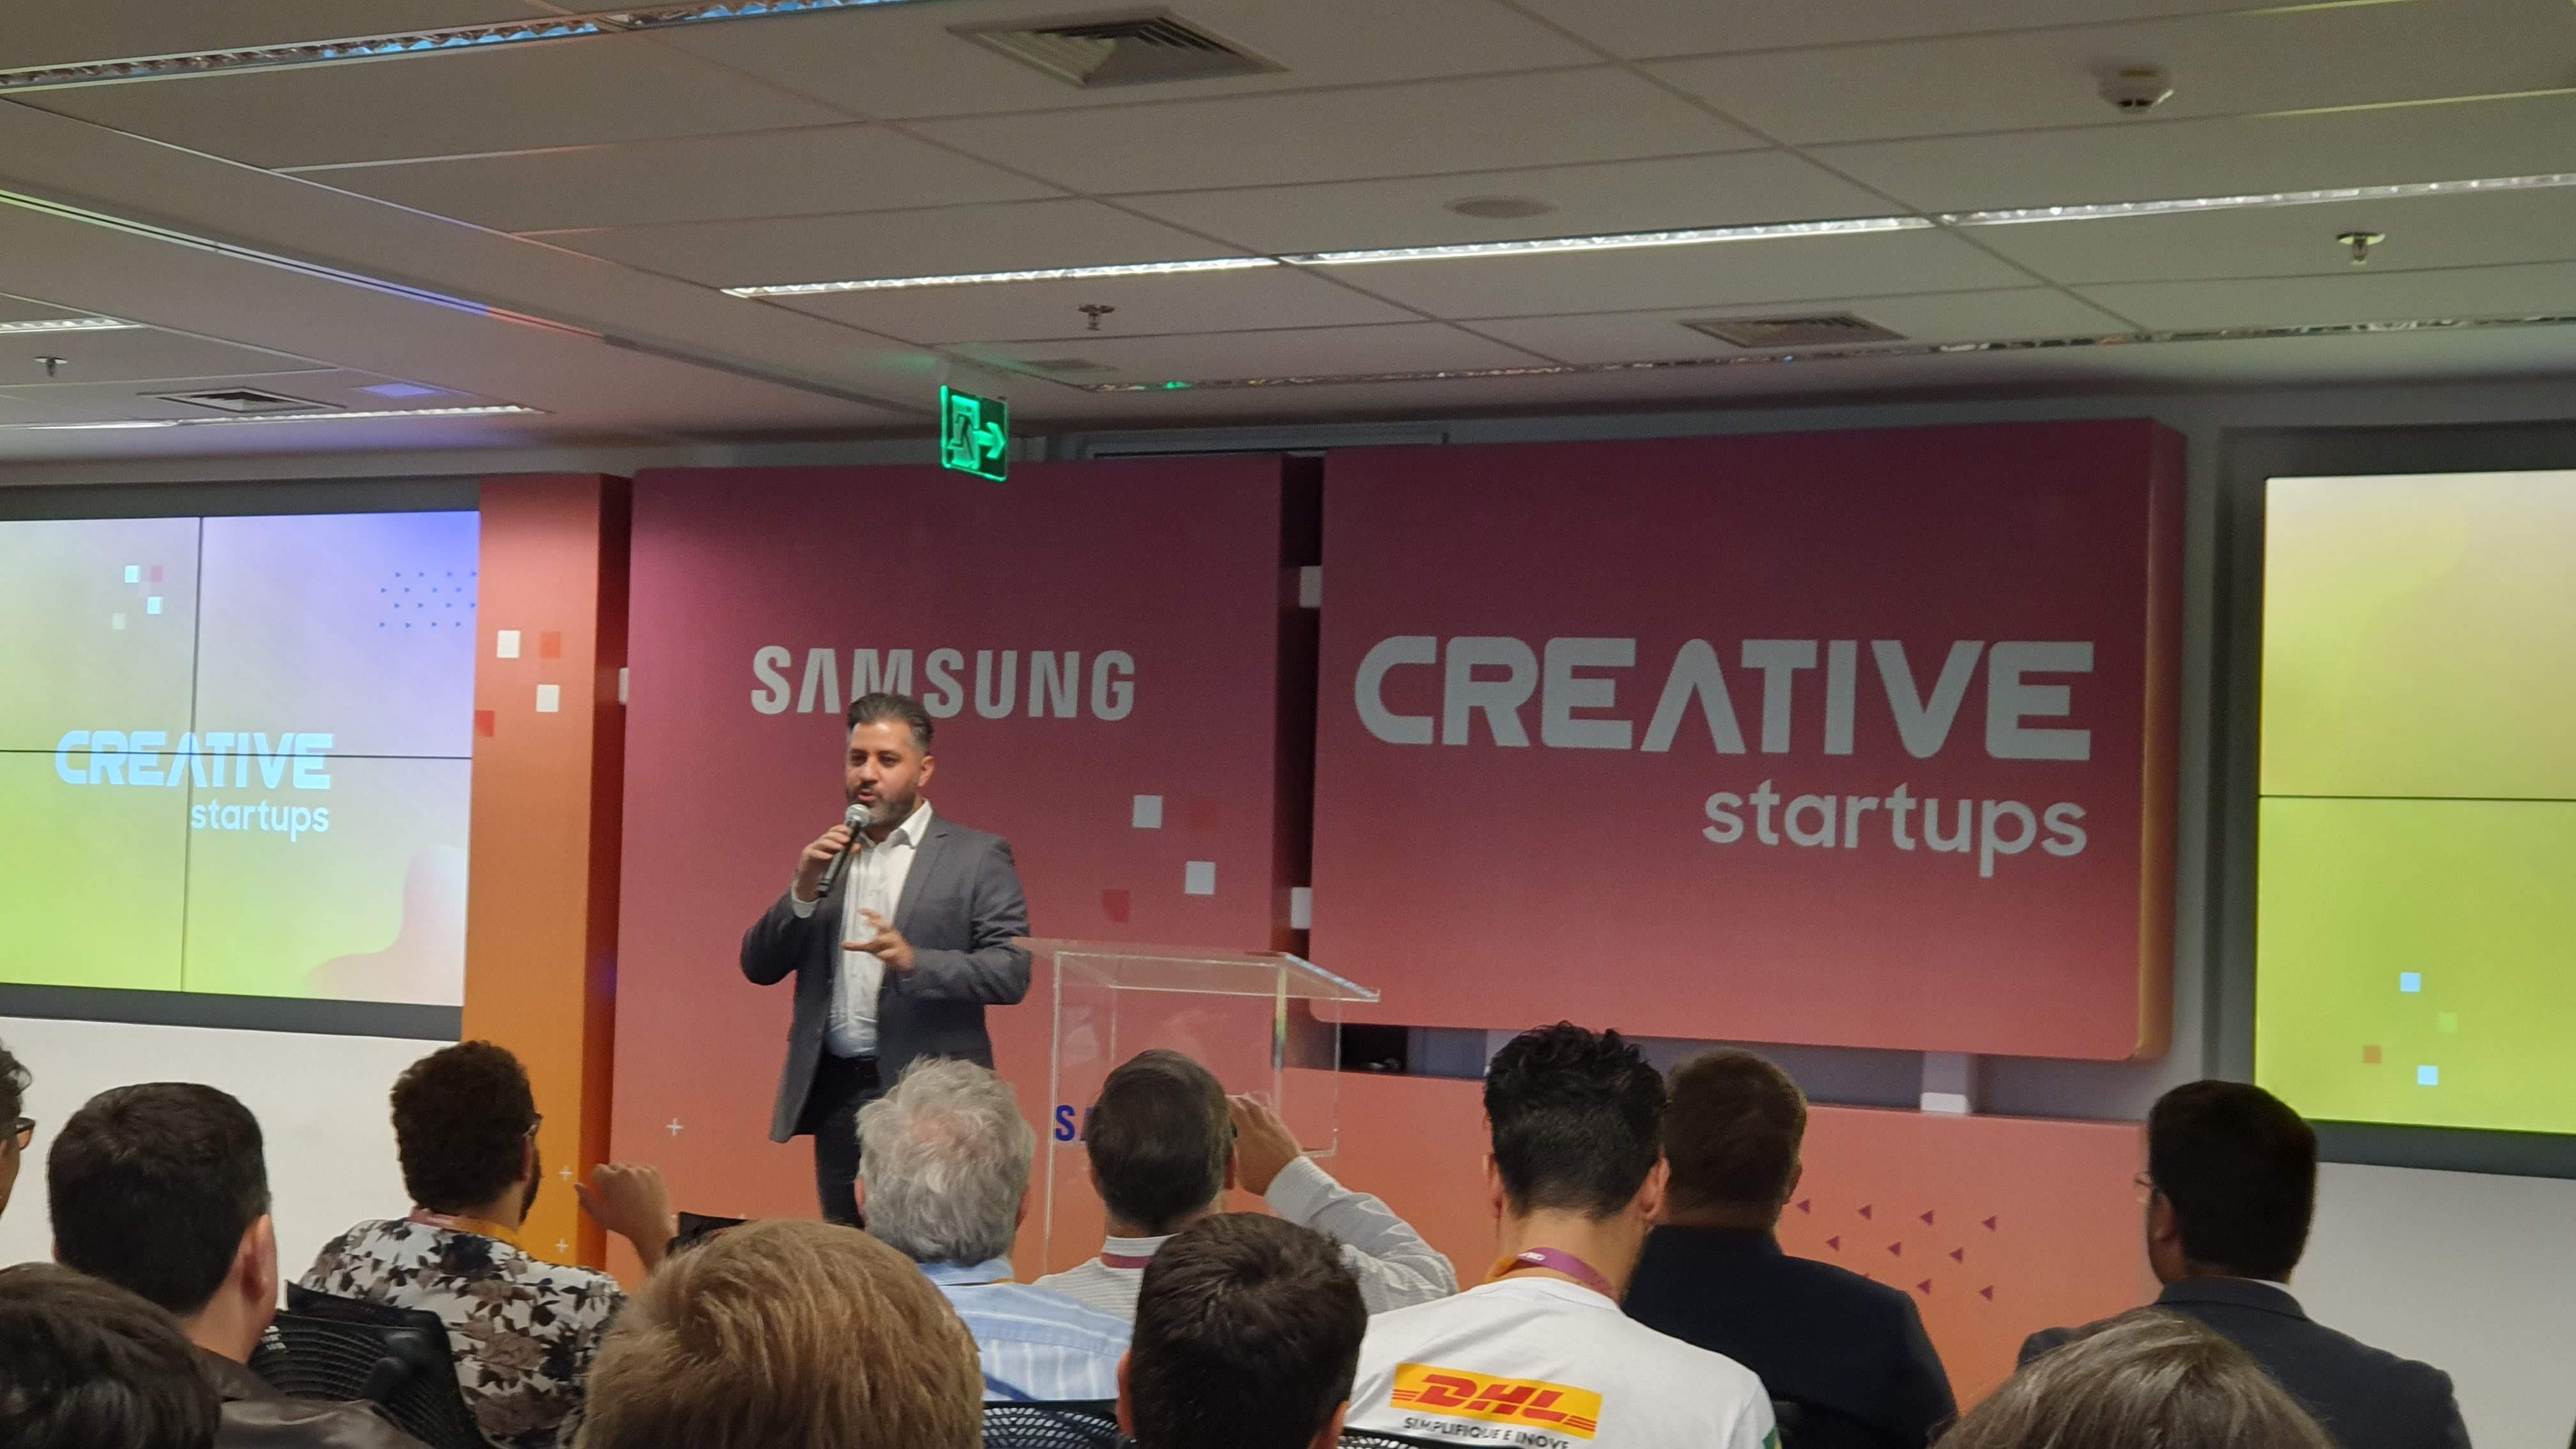 Samsung | Creative Startups gradua 12 empresas selecionadas na quarta rodada